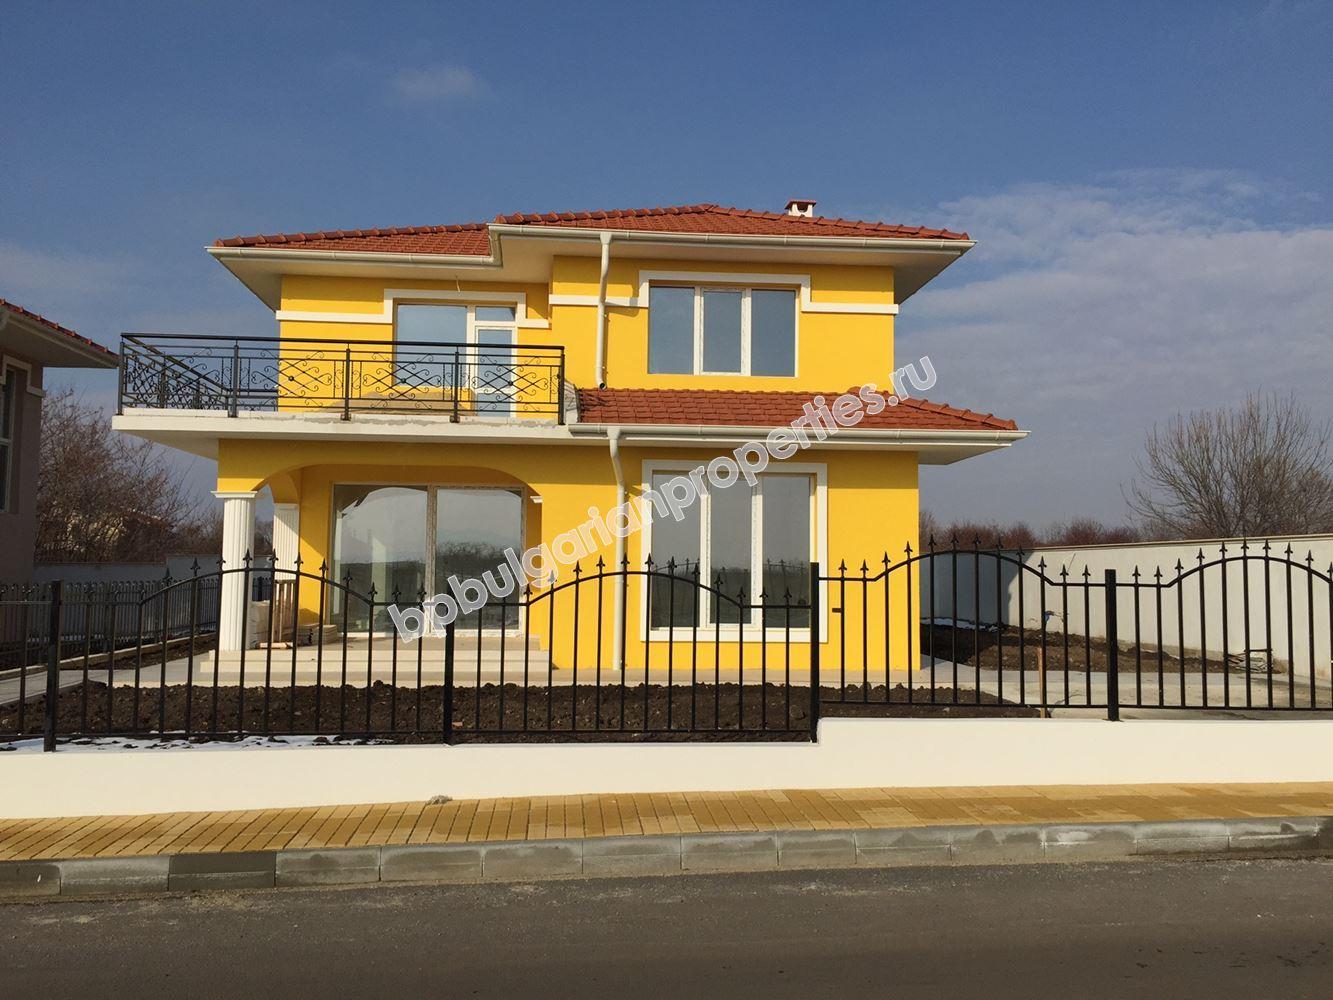 Недвижимость в Болгарии, дома и квартиры по низким ценам!